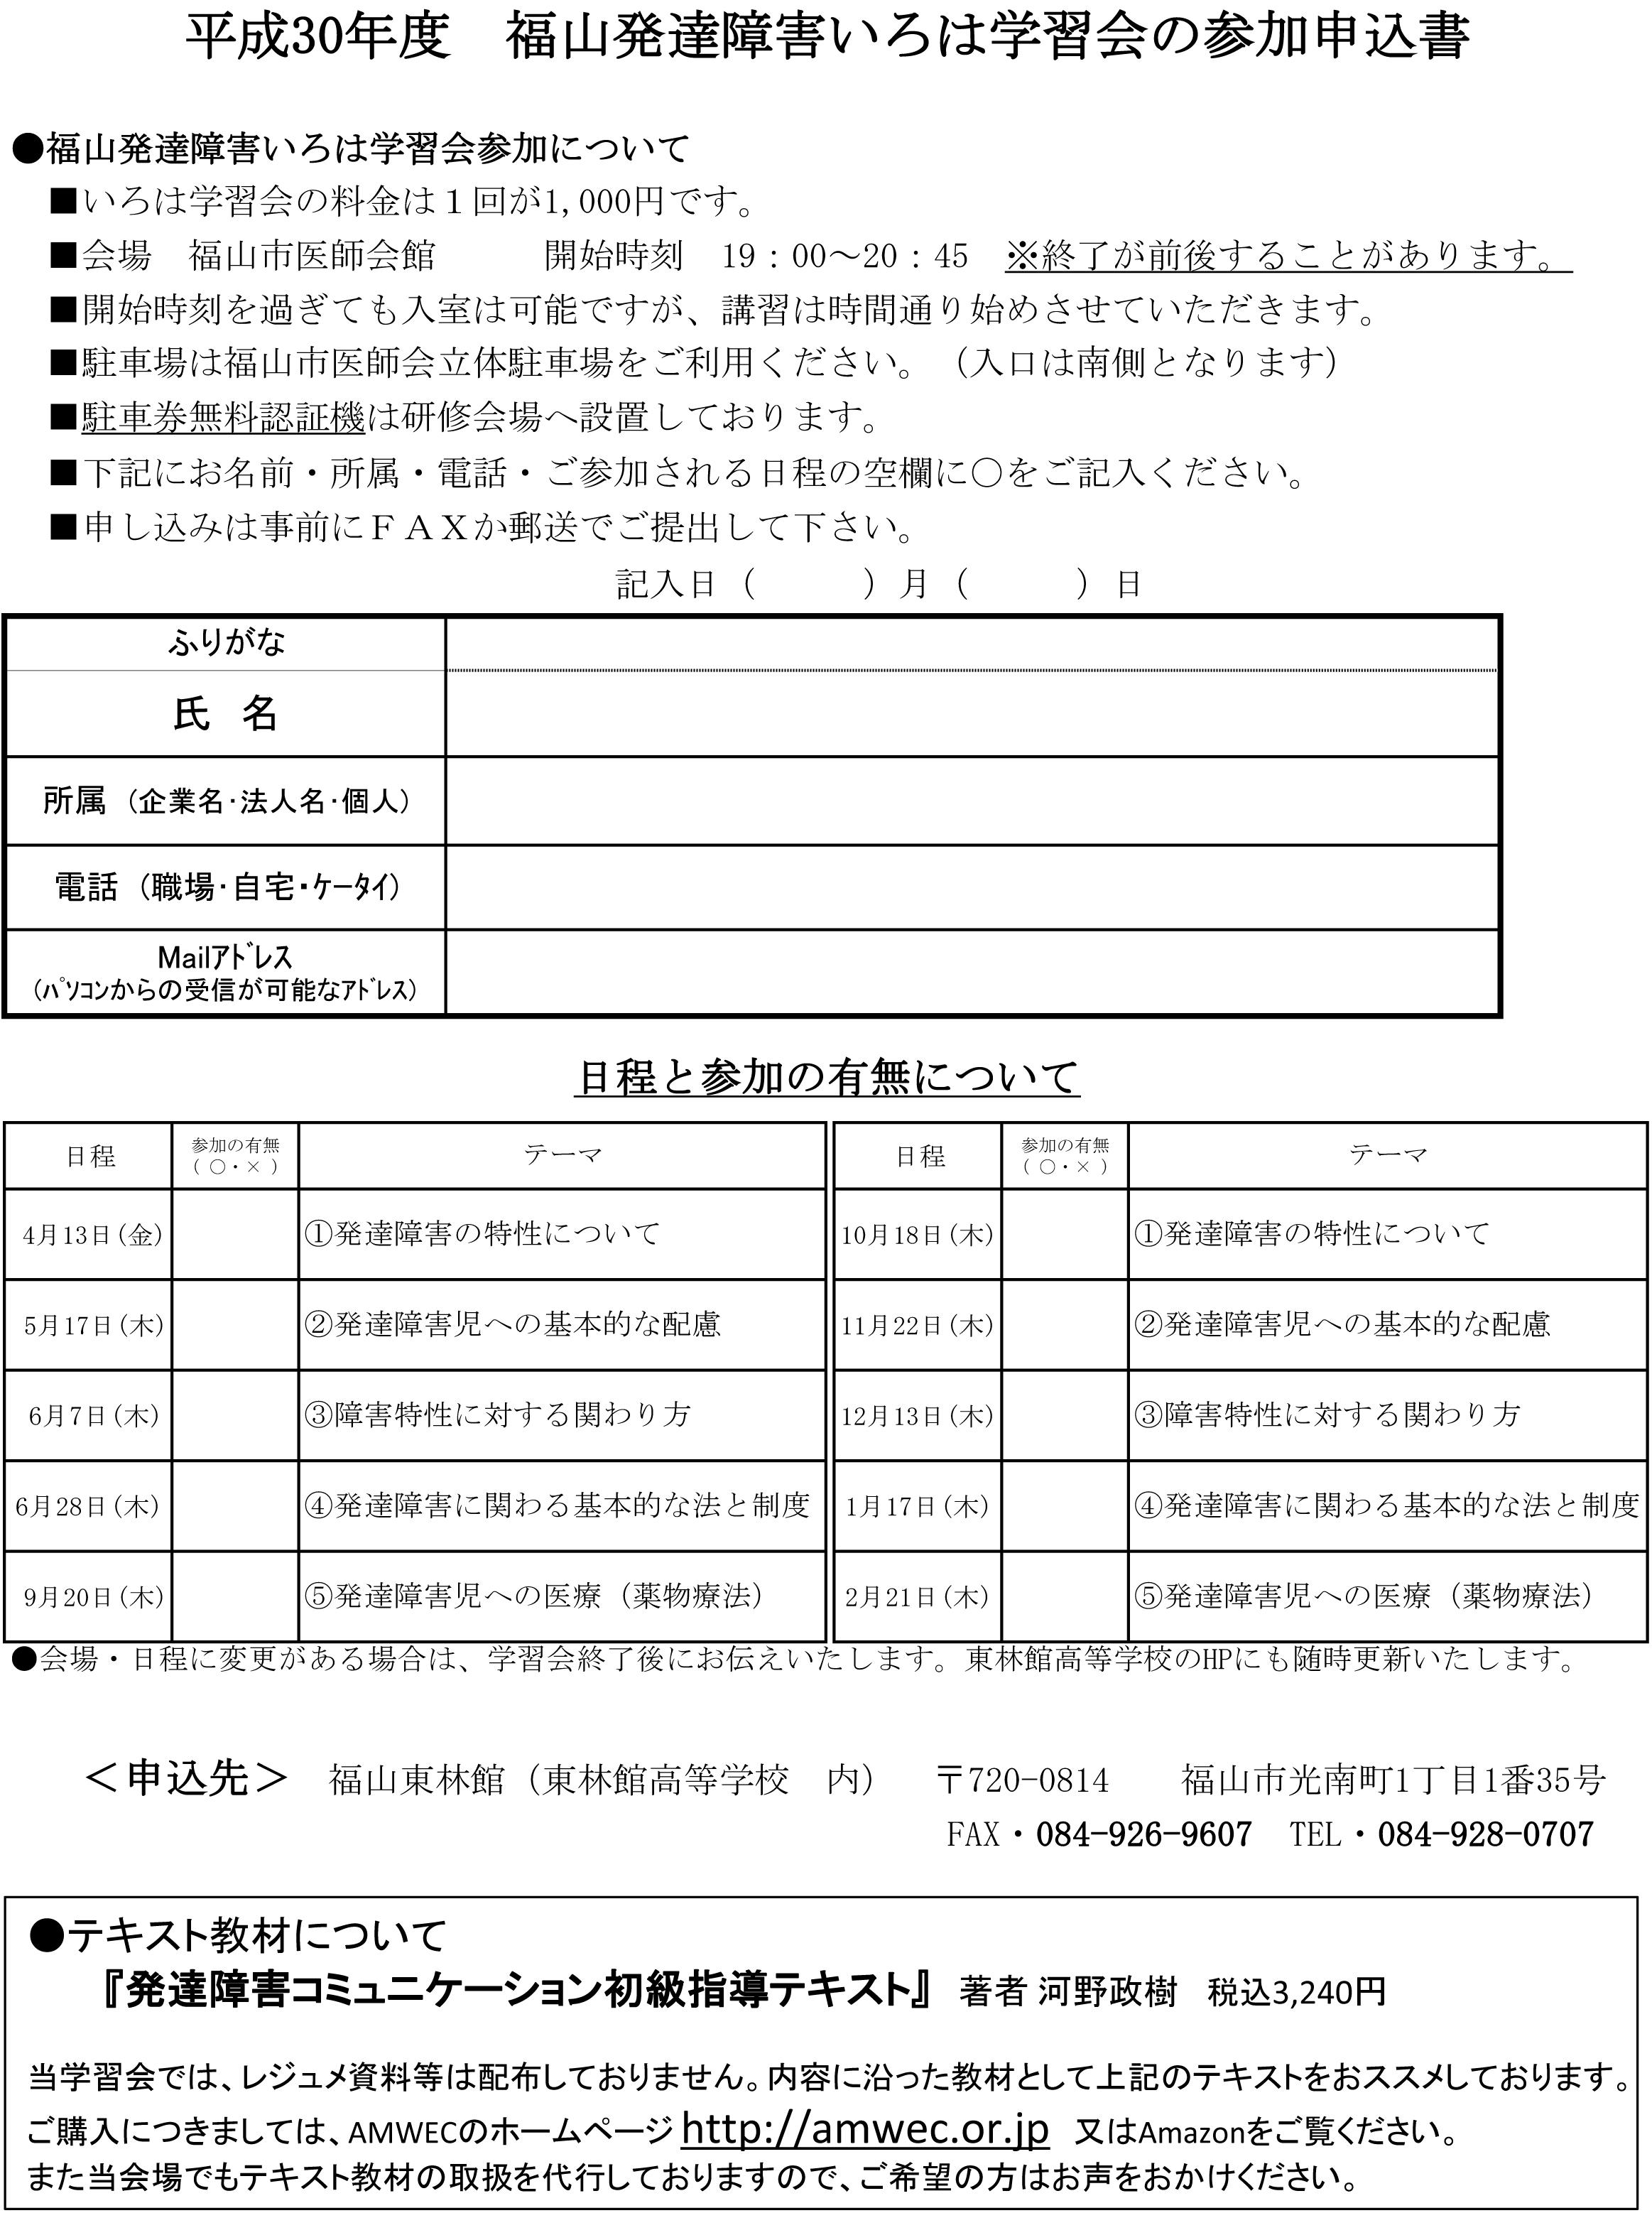 いろは申込書(H30)-20180416改定